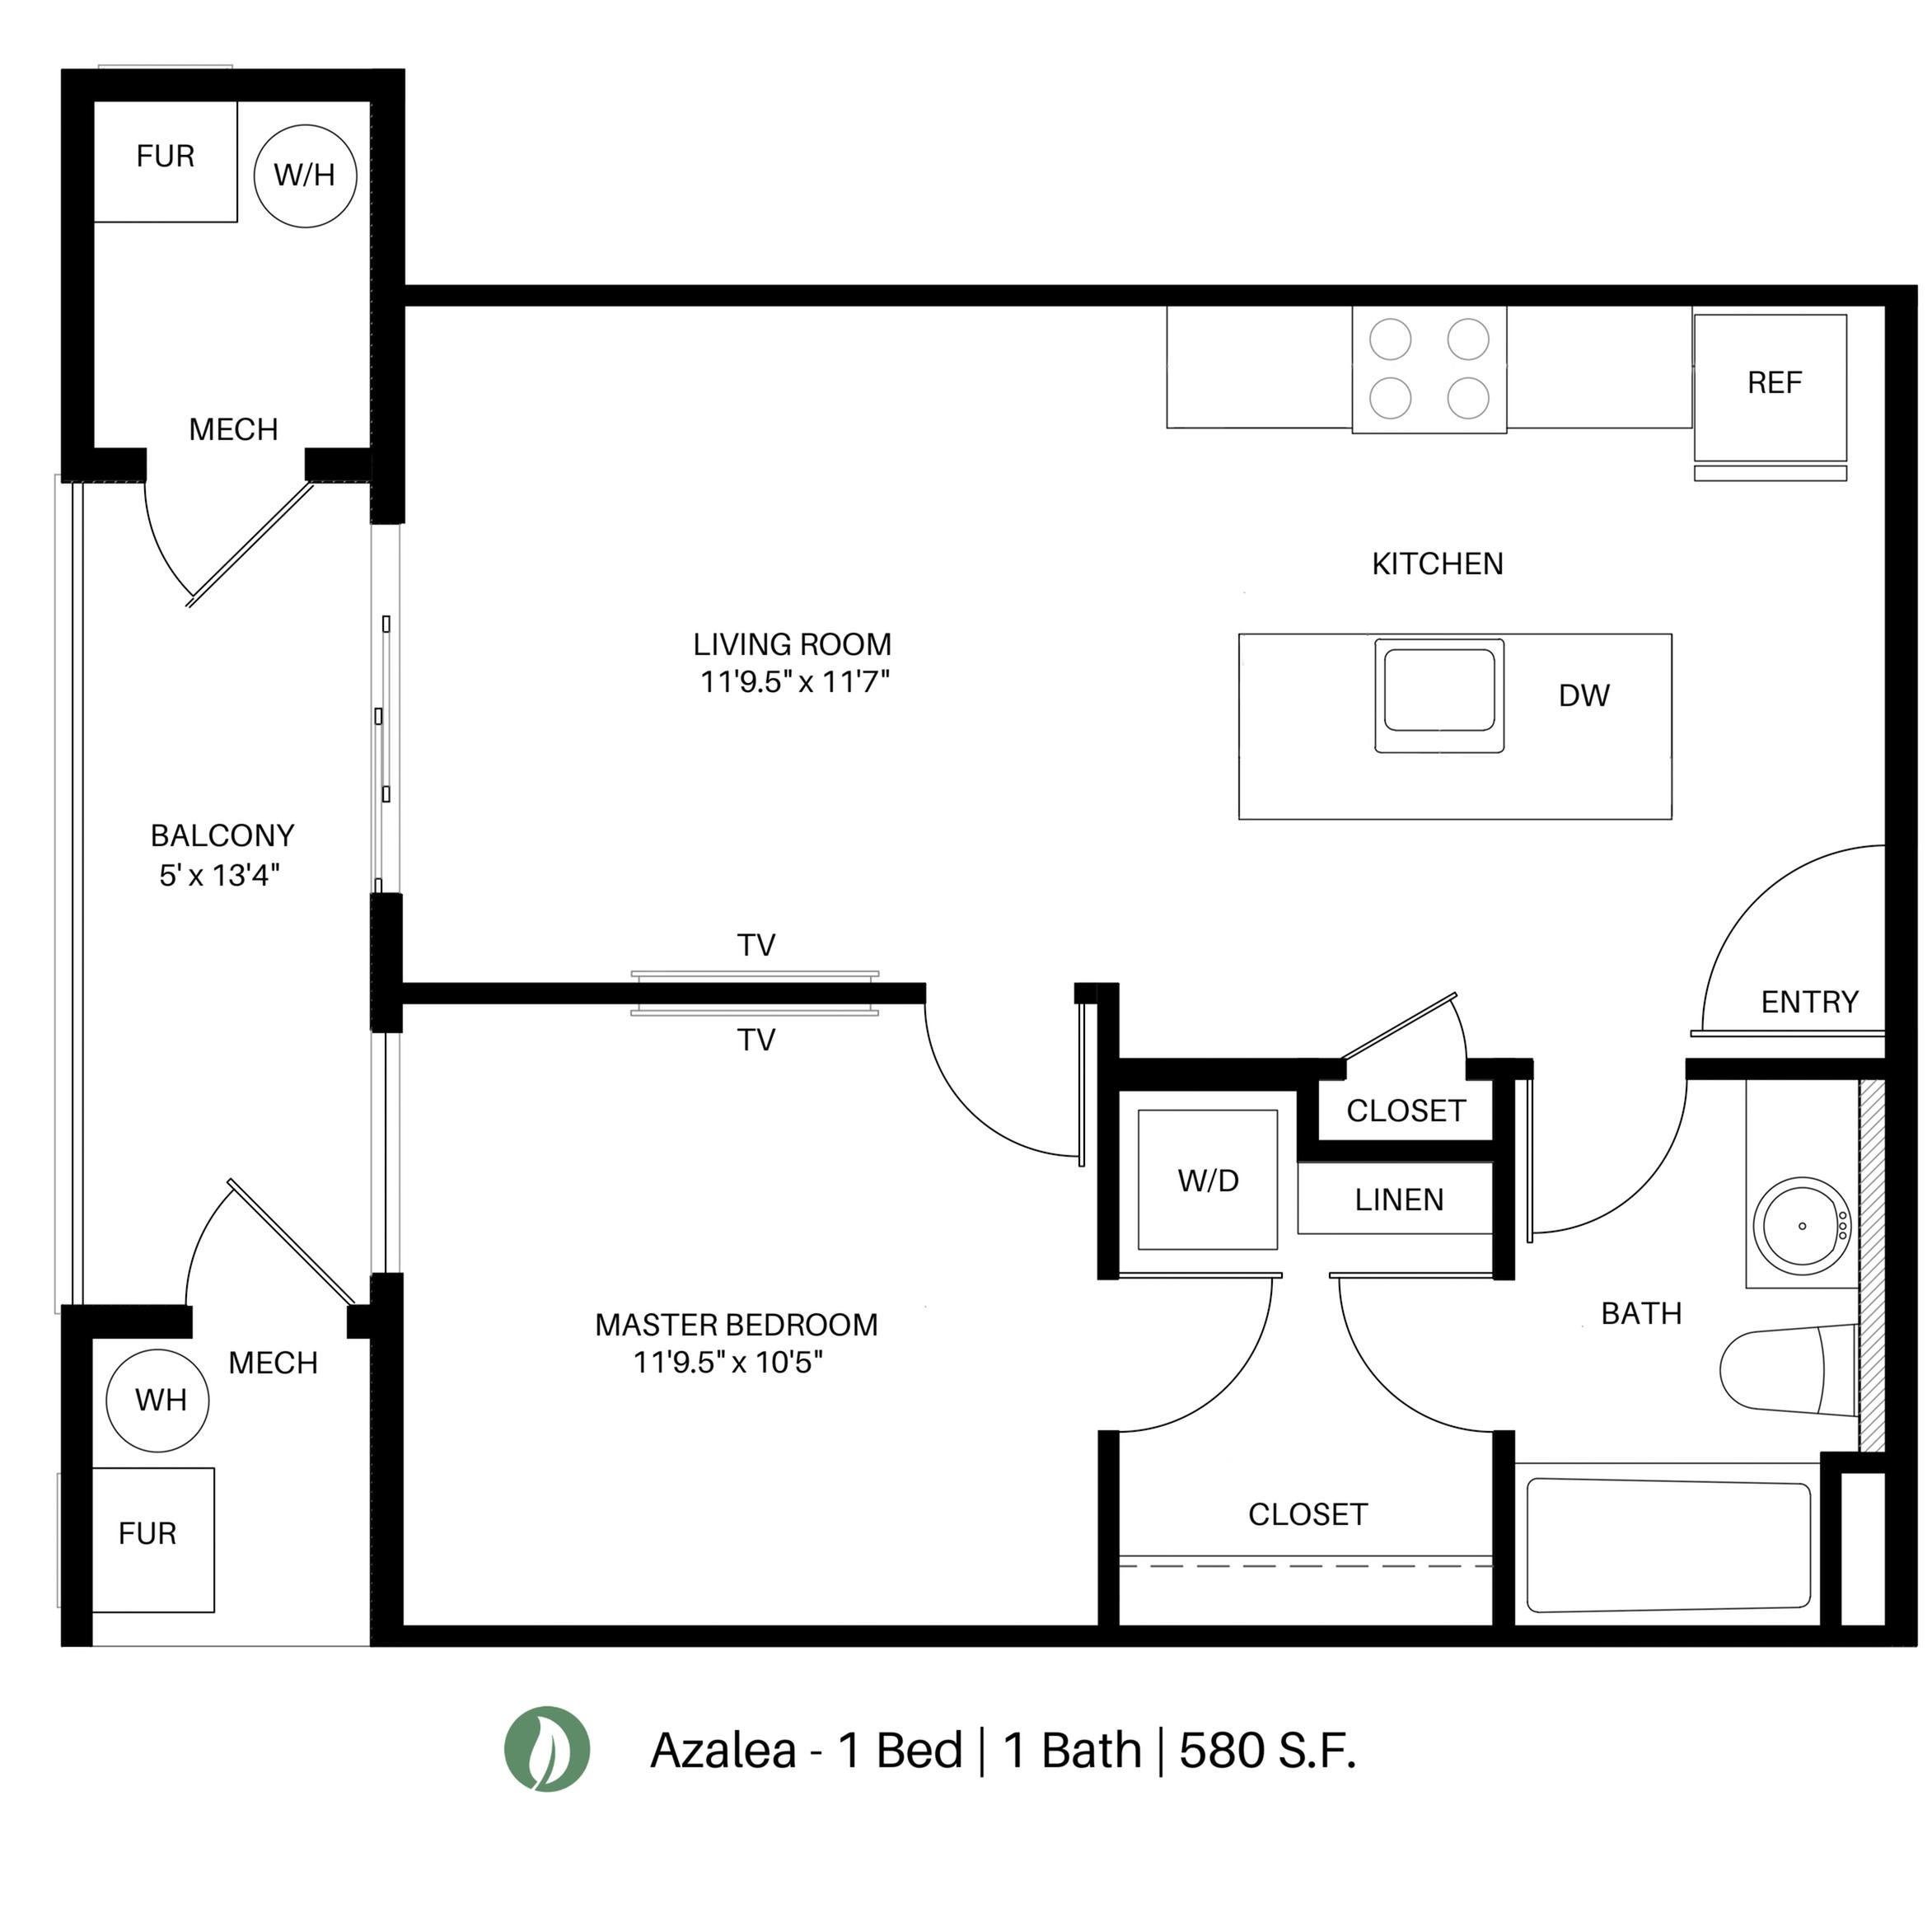 The Azalea Floor Plan Layout